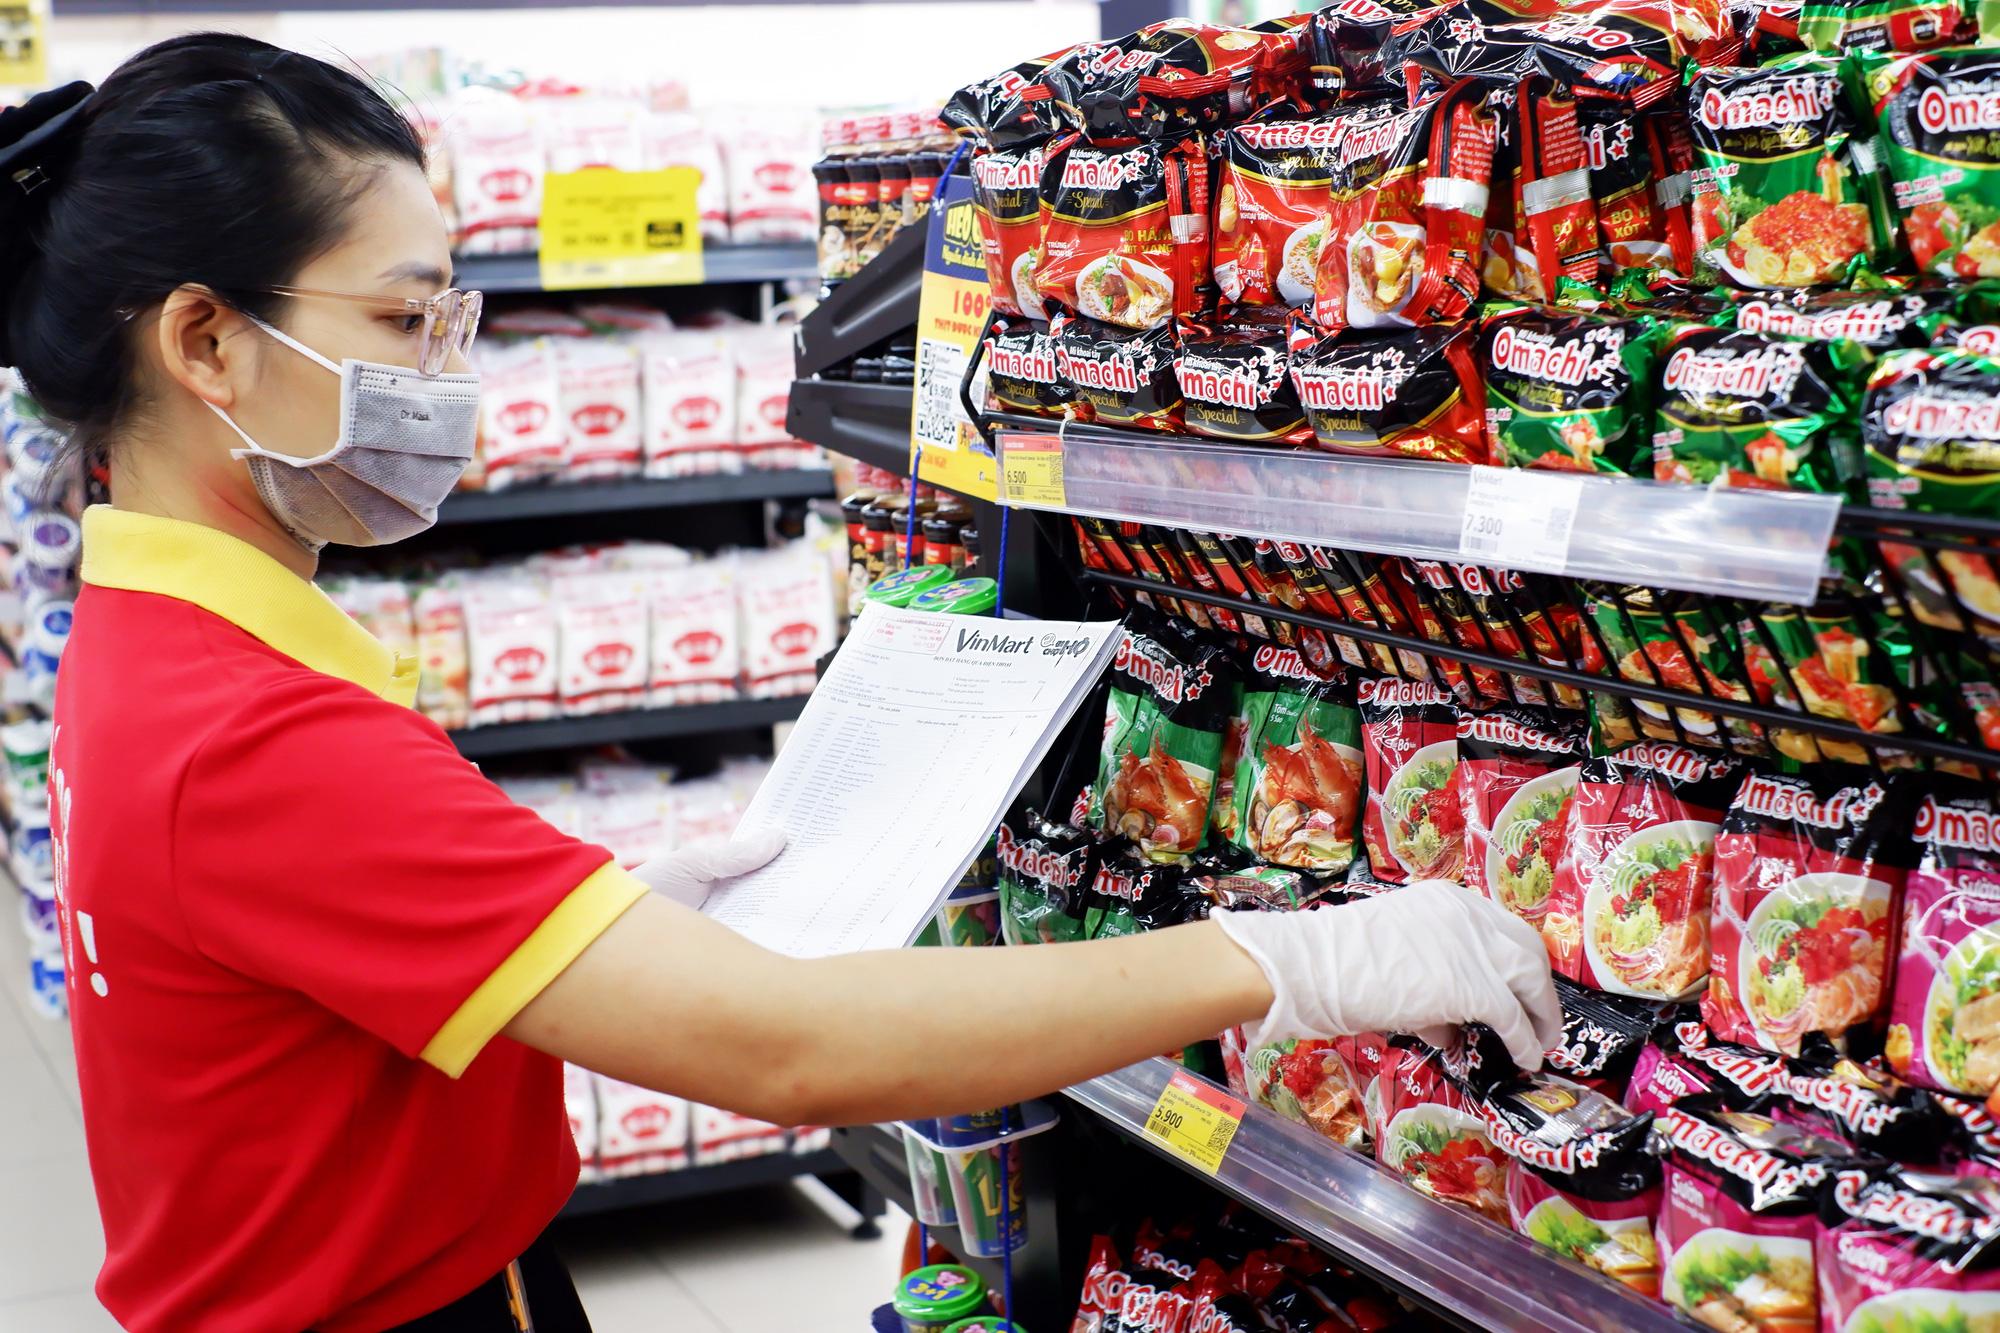 Masan và mục tiêu trở thành nhà bán lẻ hàng đầu Việt Nam, hướng về thị trường nông thôn, phục vụ 30-50 triệu người - Ảnh 7.